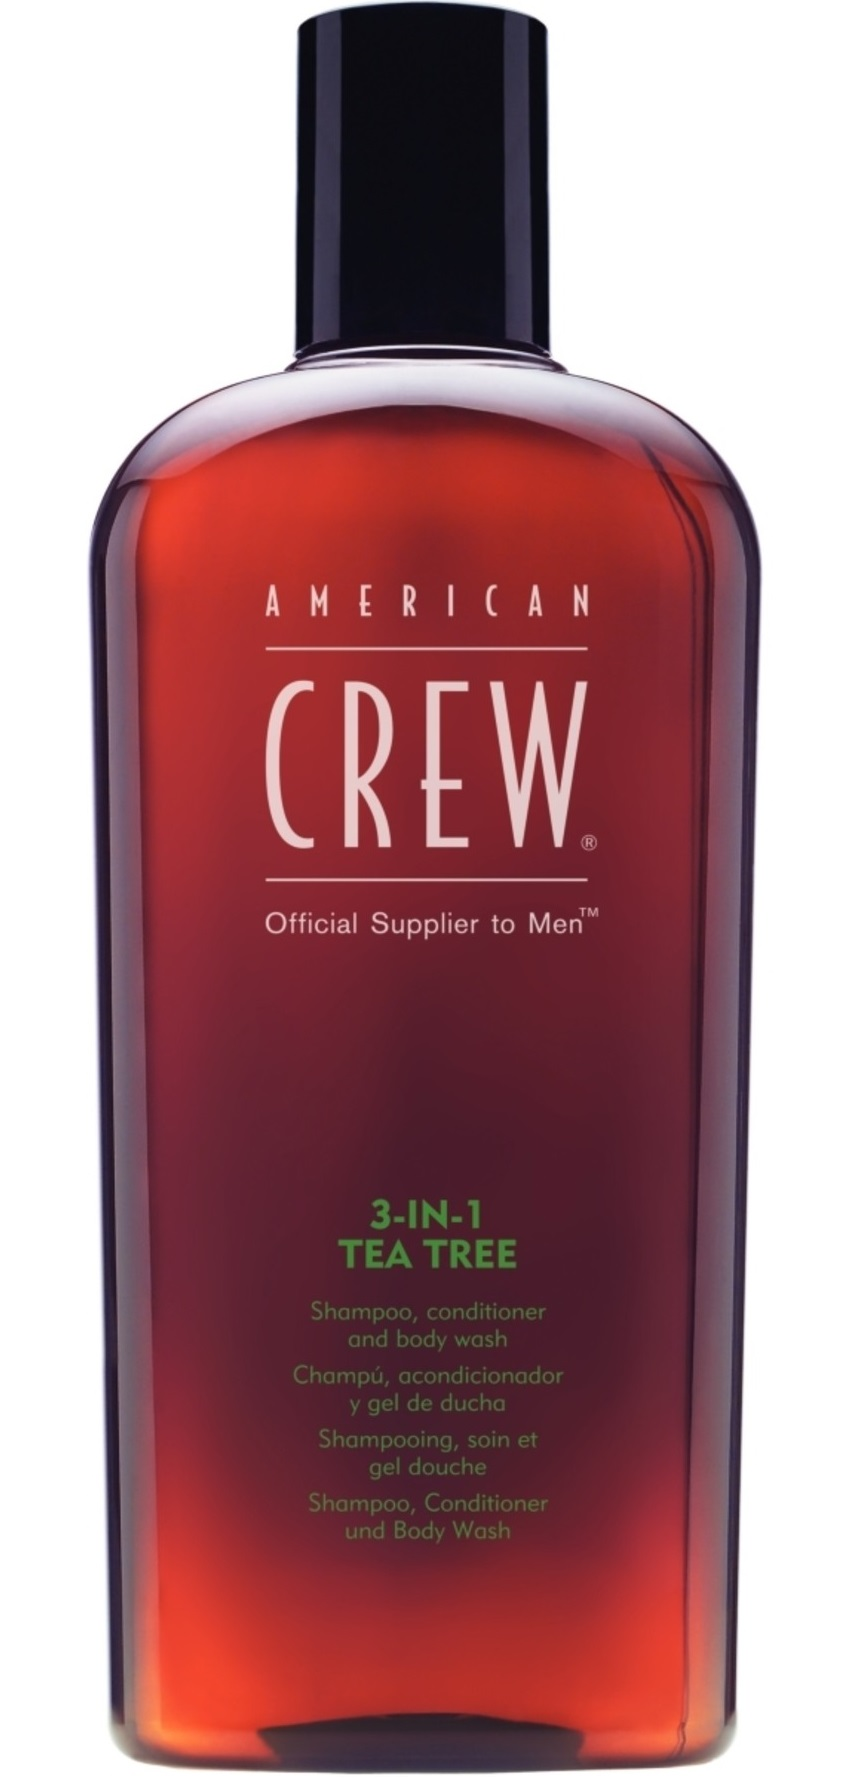 AMERICAN CREW Средство для волос 3 в 1 чайное дерево, для мужчин 450 мл